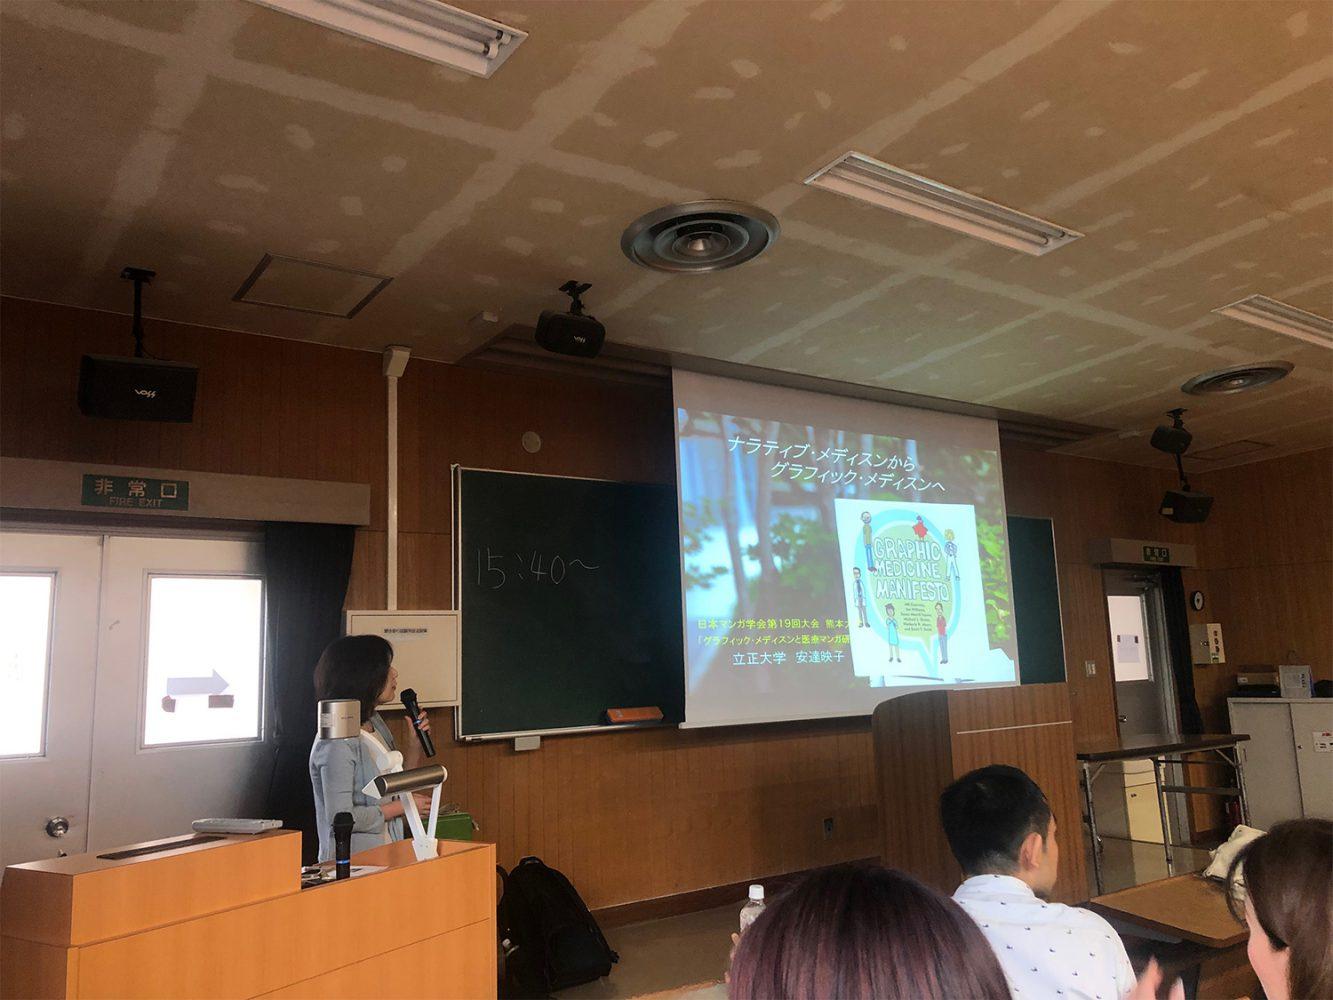 「ナラティブ・メディスンからグラフィック・メディスンへ」発表者:安達 映子(立正大学)